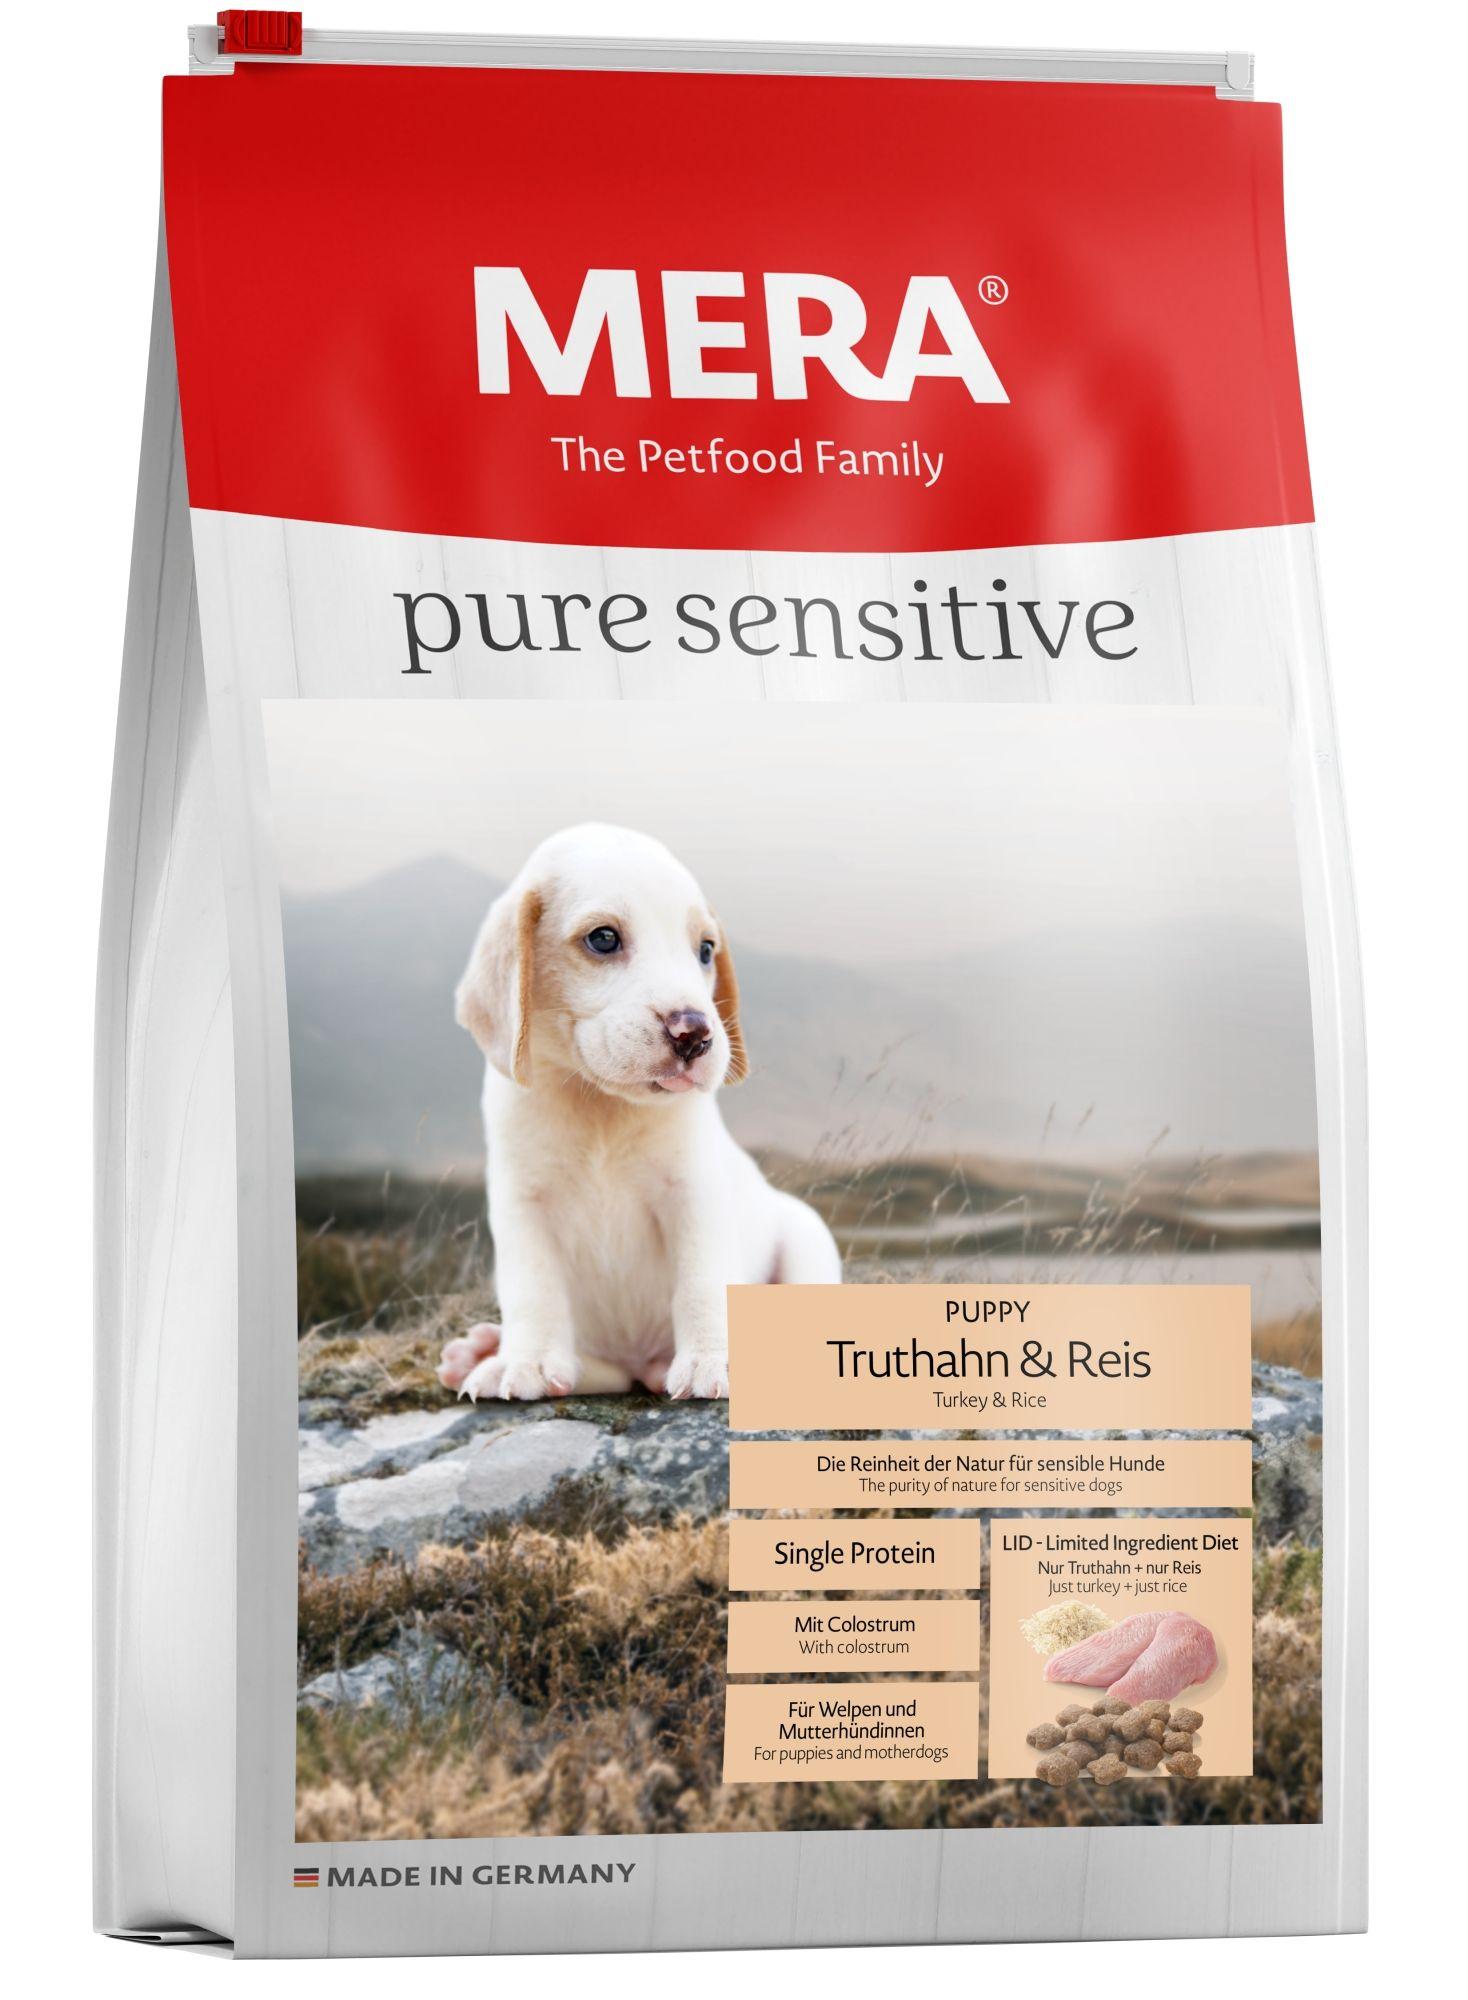 MERA pure sensitive Puppy für einen guten Start ins Hundeleben